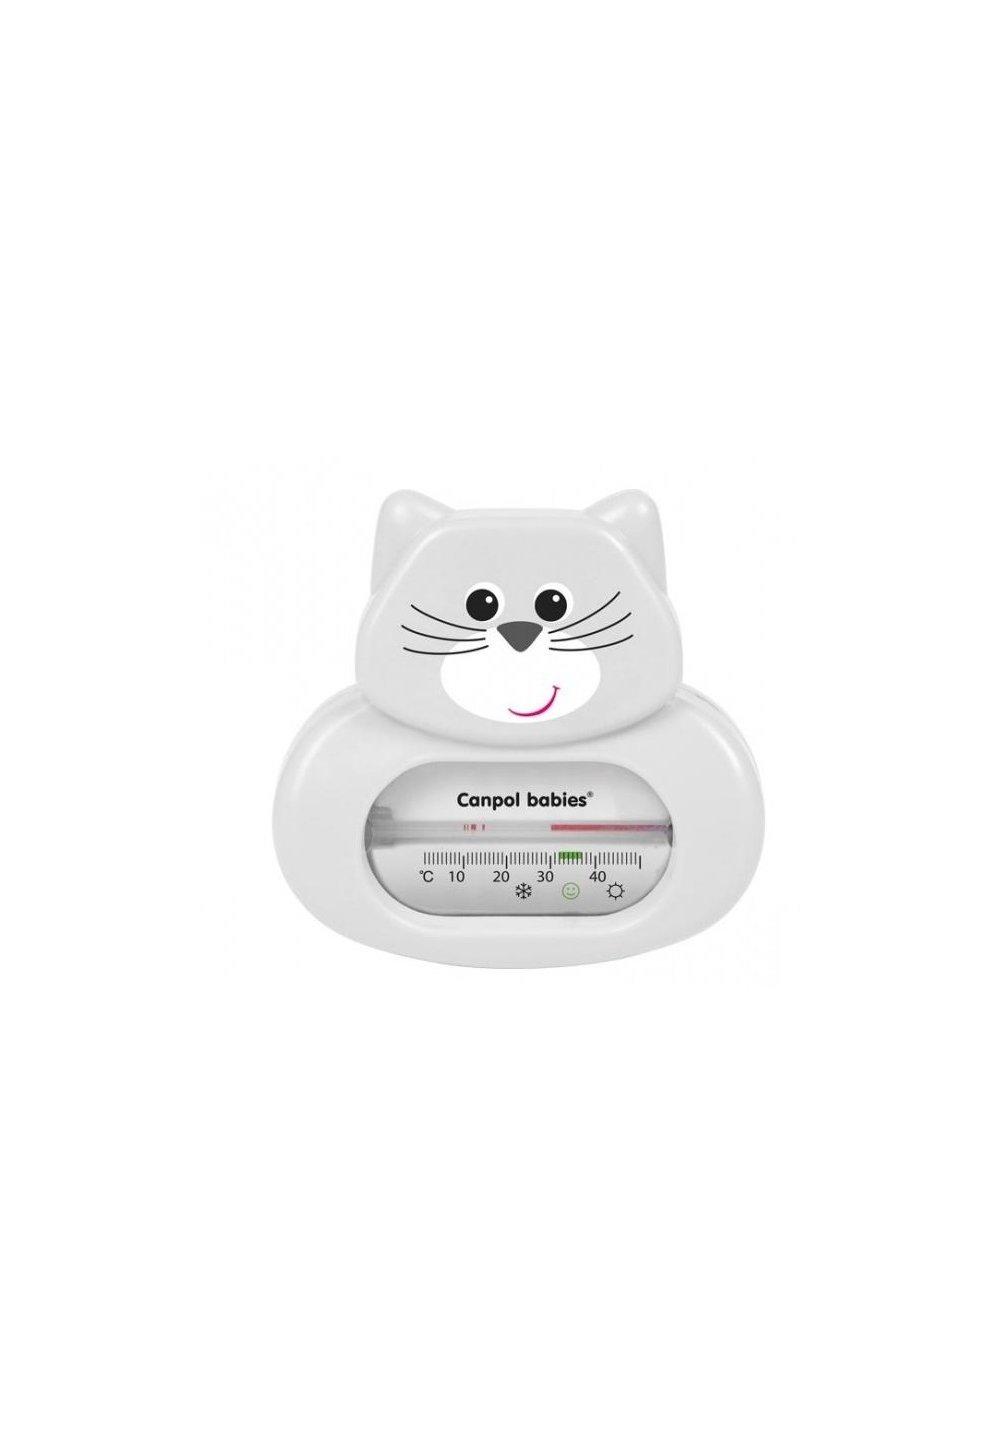 Termometru pentru baie, pisicuta, gri imagine